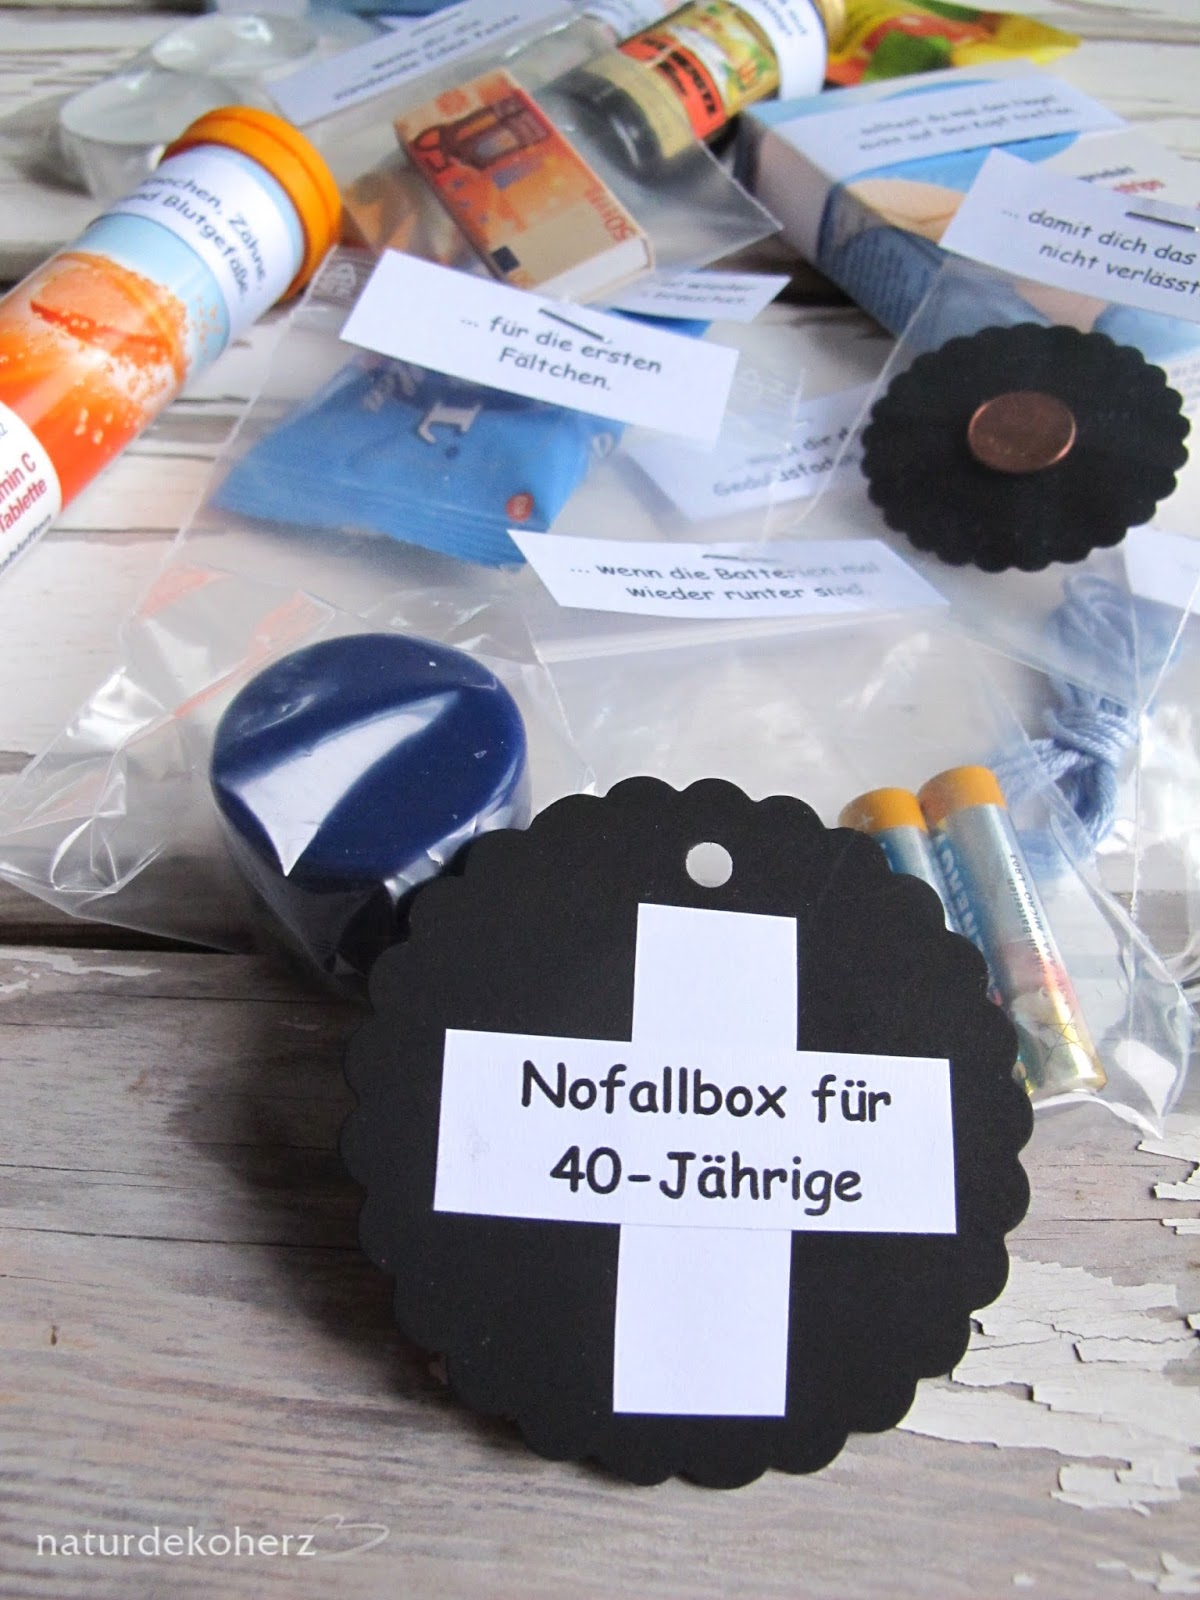 Naturdekoherz notfallbox zum 40 geburtstag for Bastelideen zum 40 geburtstag